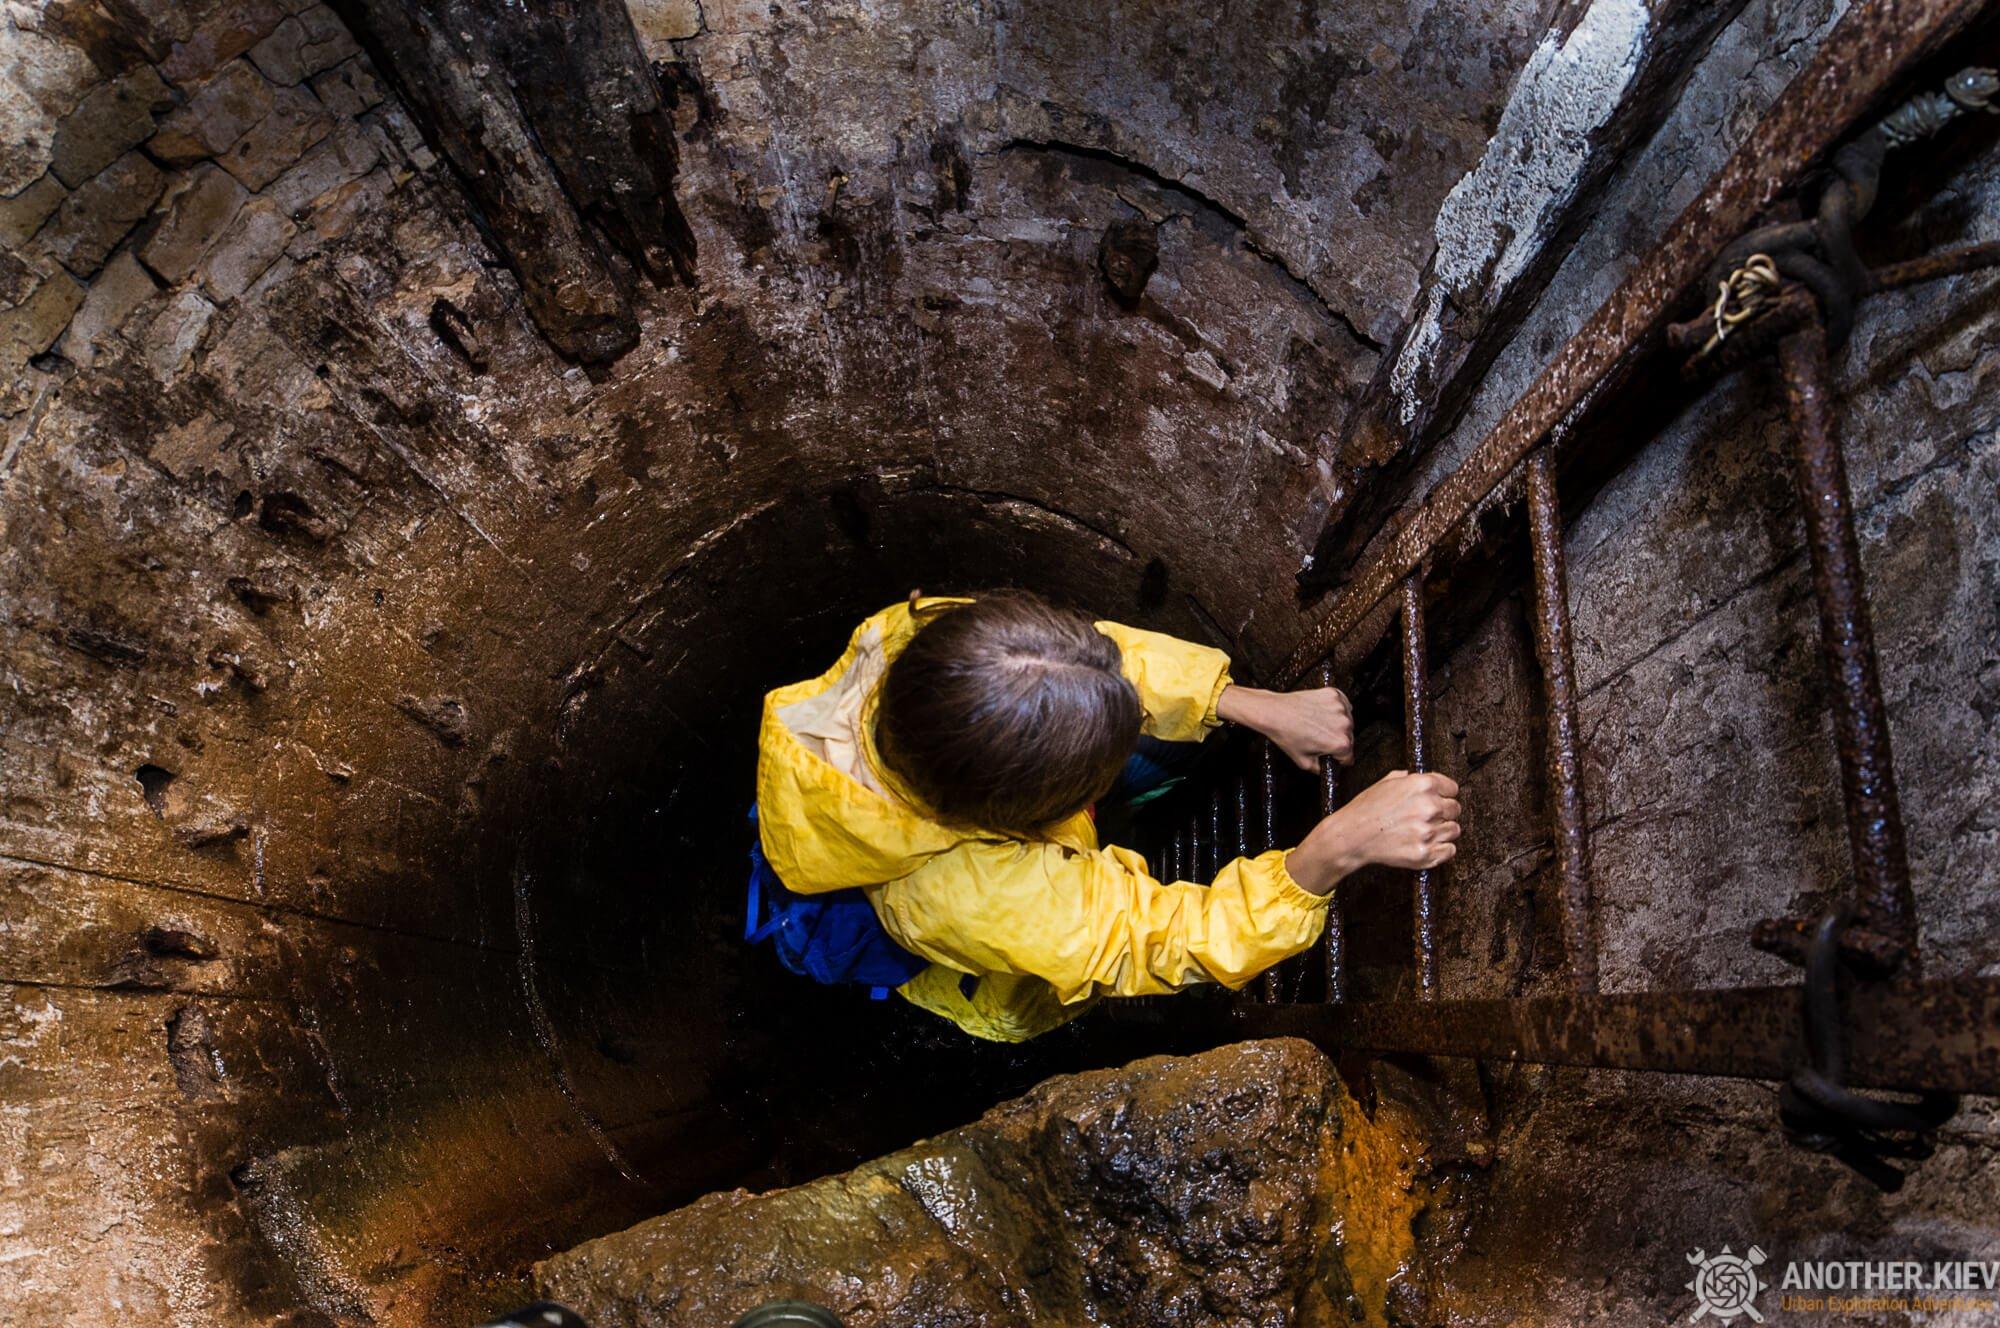 nikolka-drain_IGP03771-14 Экскурсия в подземелья Киева Никольская - 2020.01.26 16:00